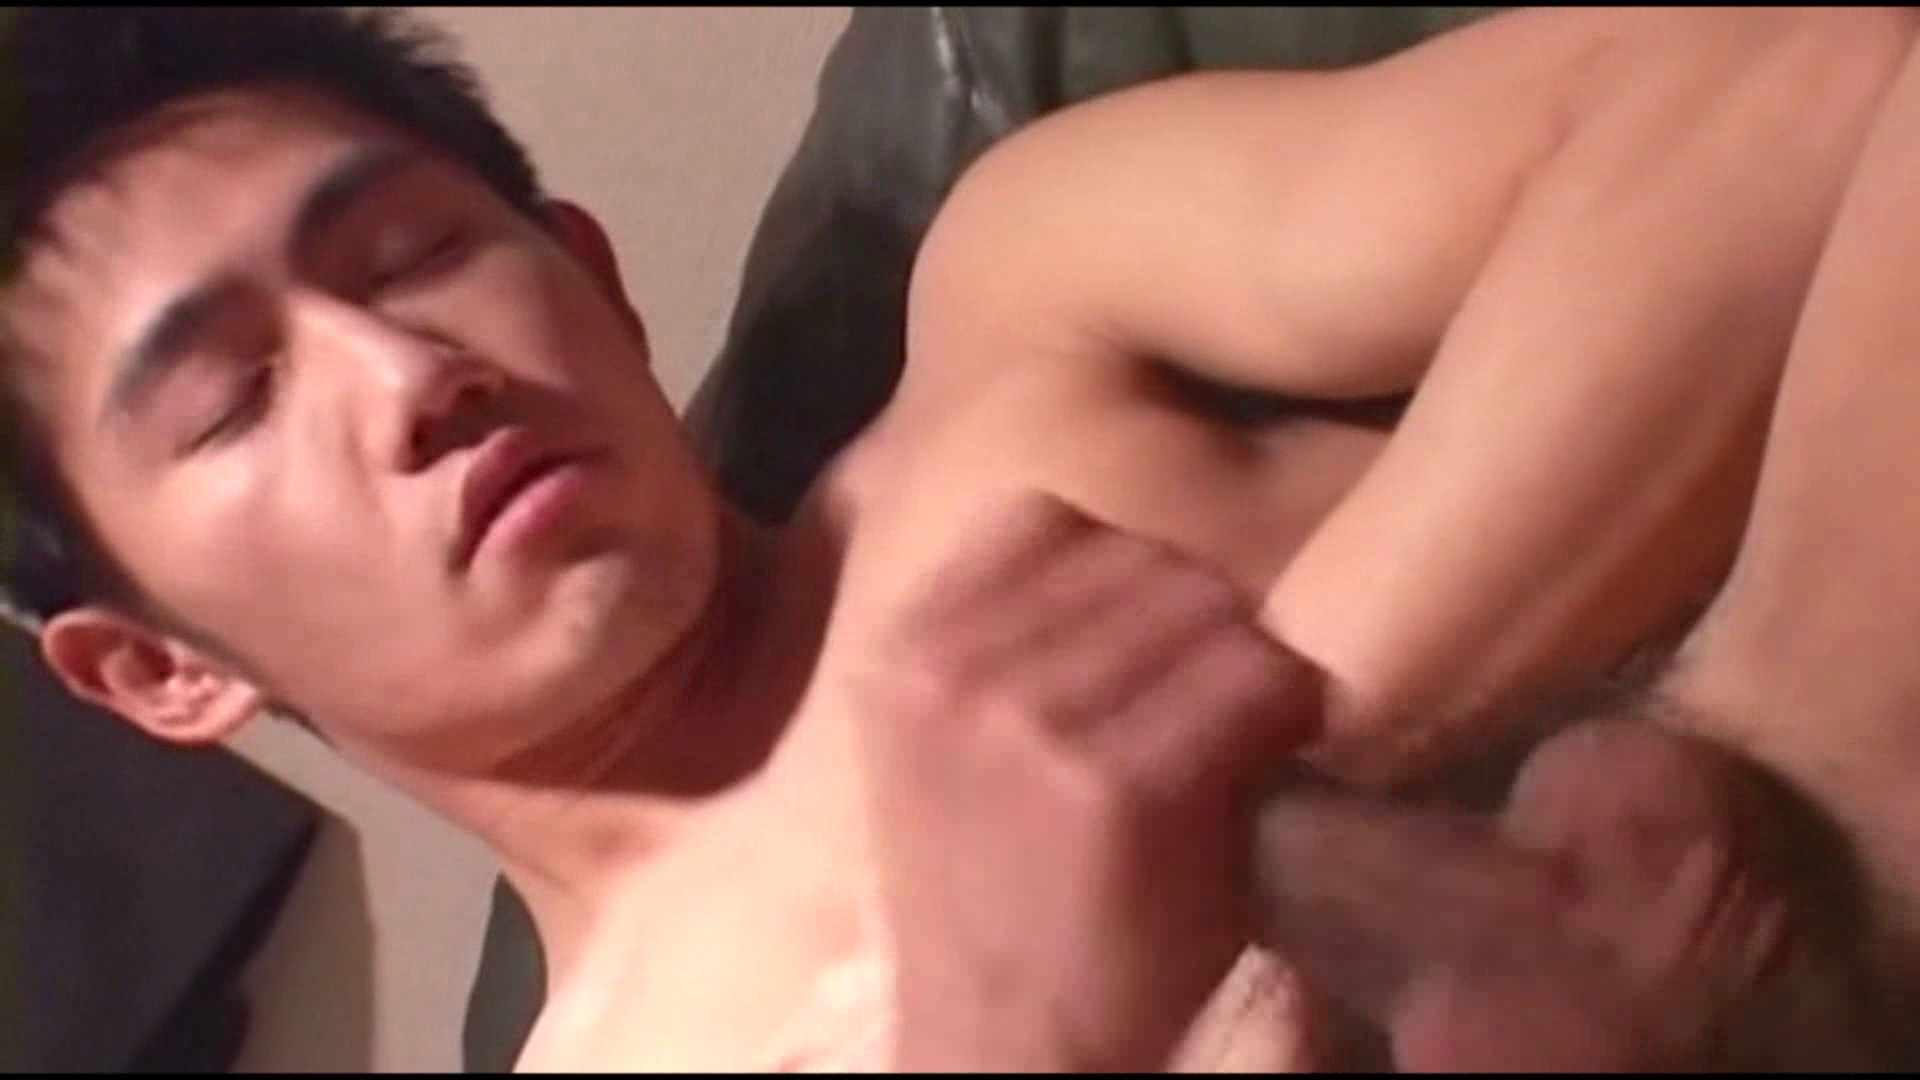 ショウ&ナオキのエロMAXファンタジーVOL.02(ショウ編) イケメンのsex   自慰  110pic 67